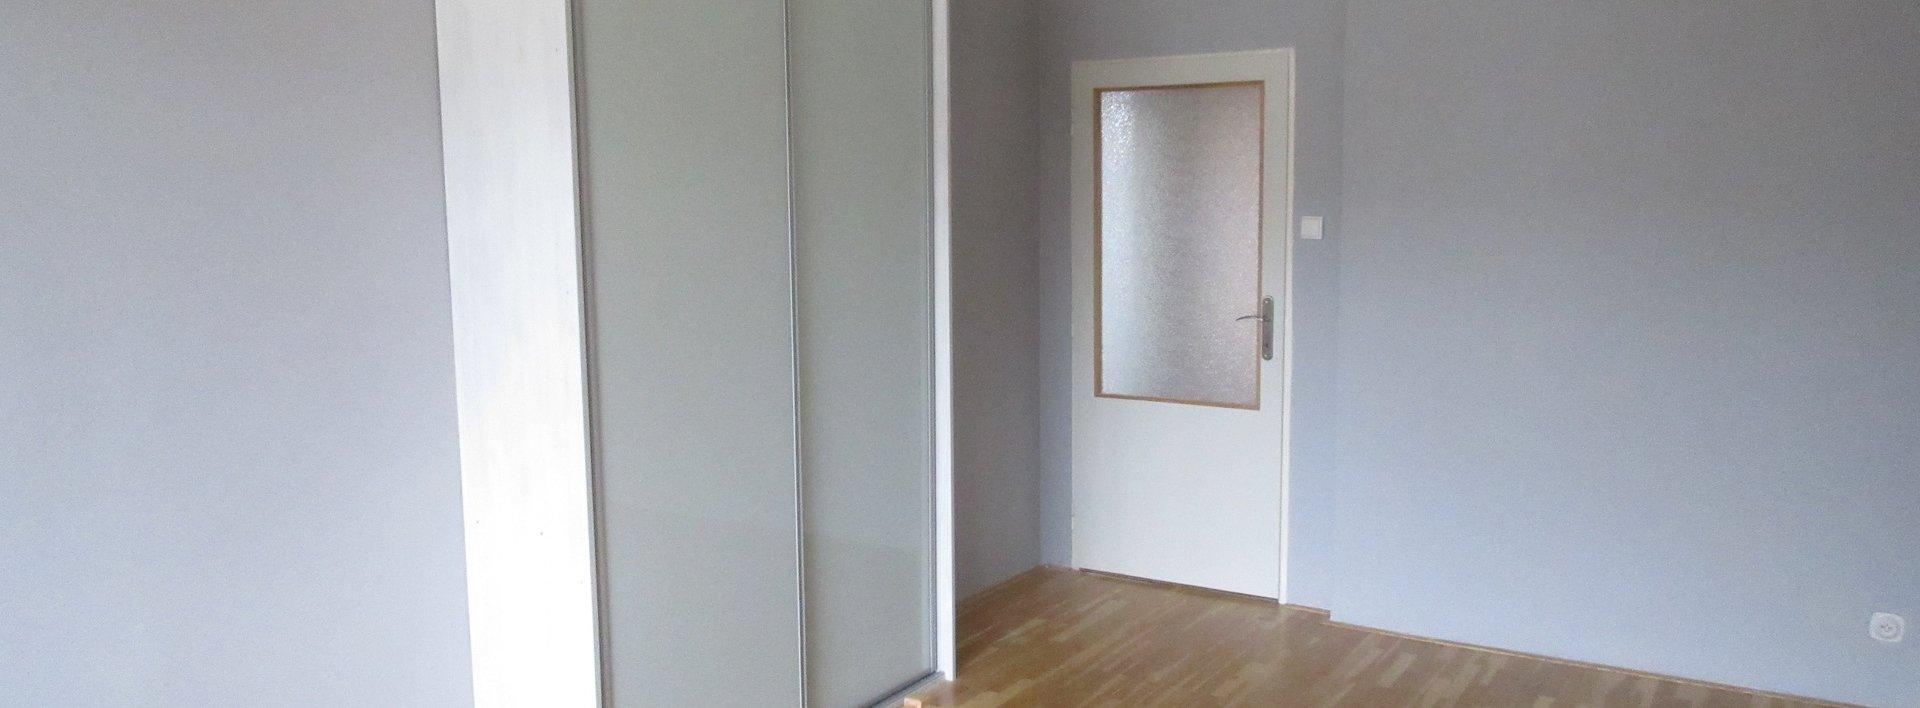 Pronájem bytu 2+1 s lodžií, 50m² - Jablonec nad Nisou, ul. Vlaštovčí, Ev.č.: N48309